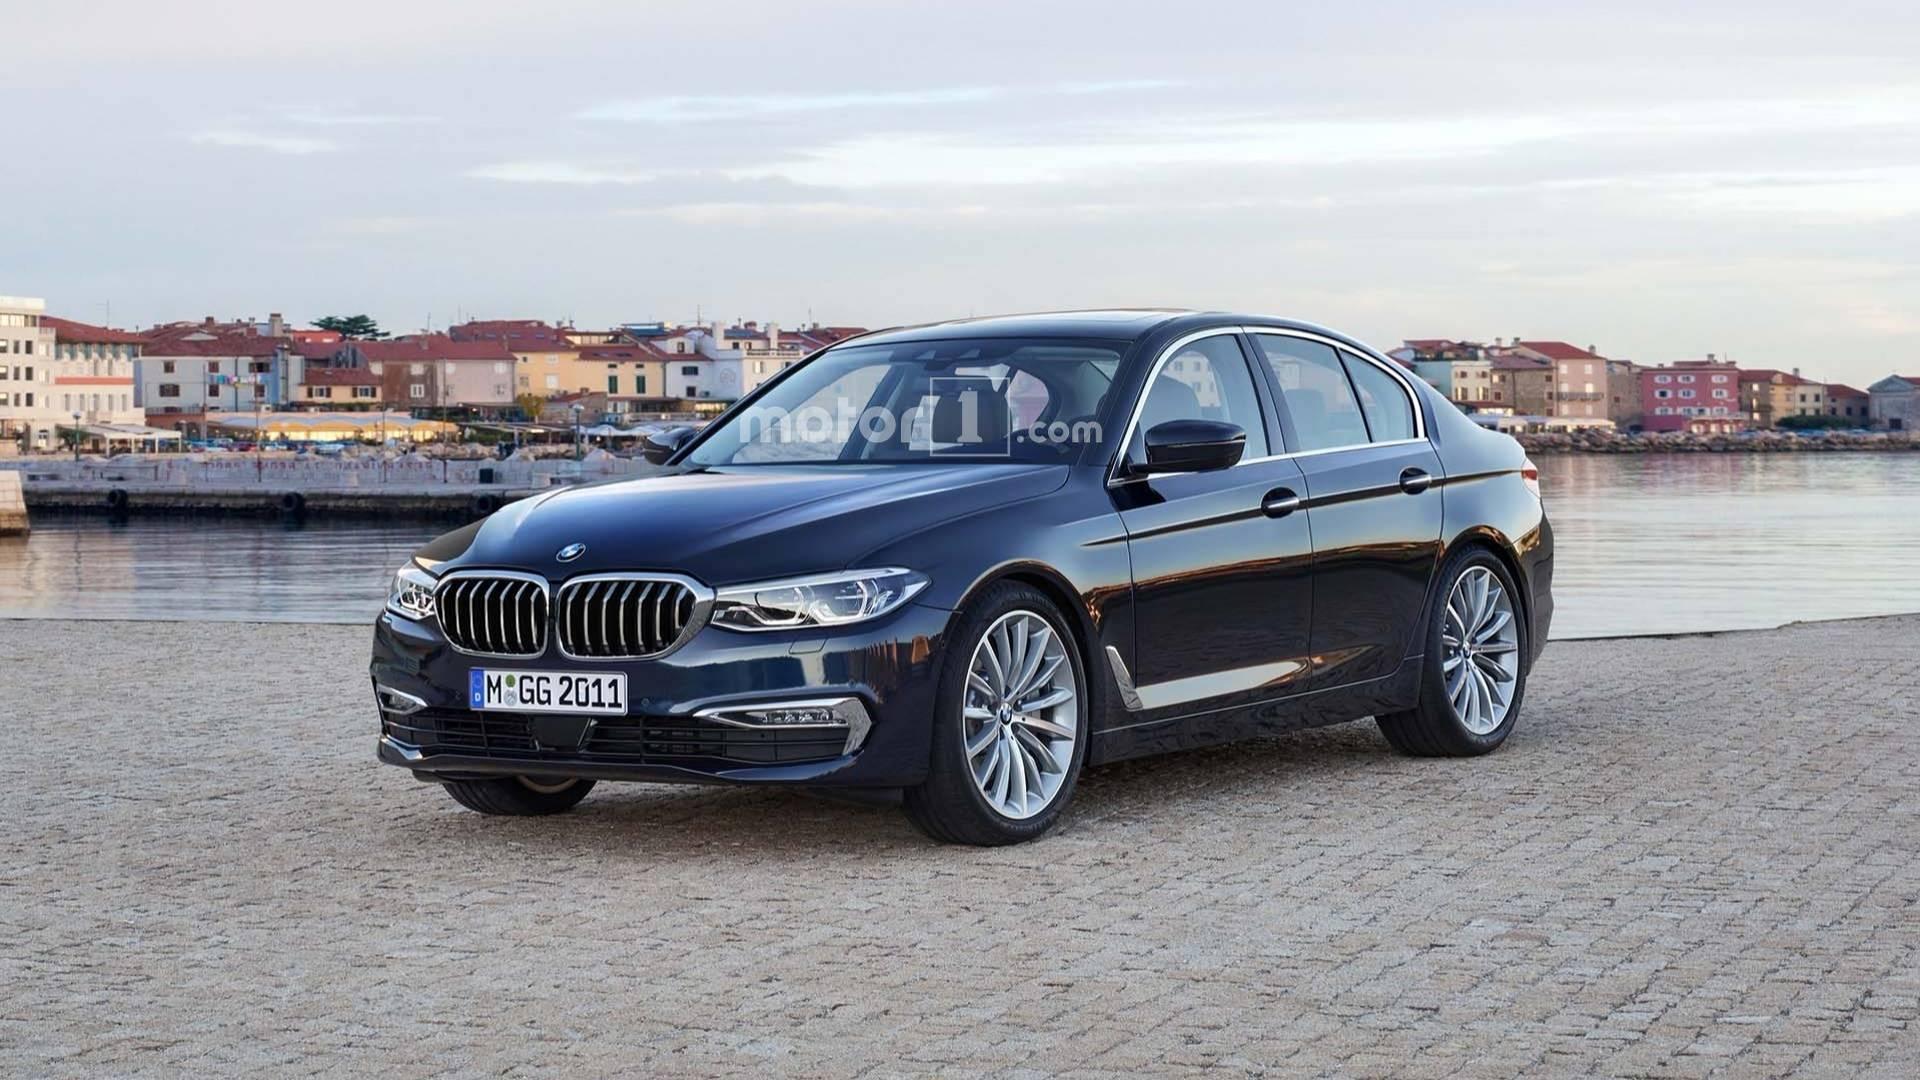 次期BMW3シリーズ(G20,G21)の最新レンダリング画像!これは、それっぽい感じかも^^